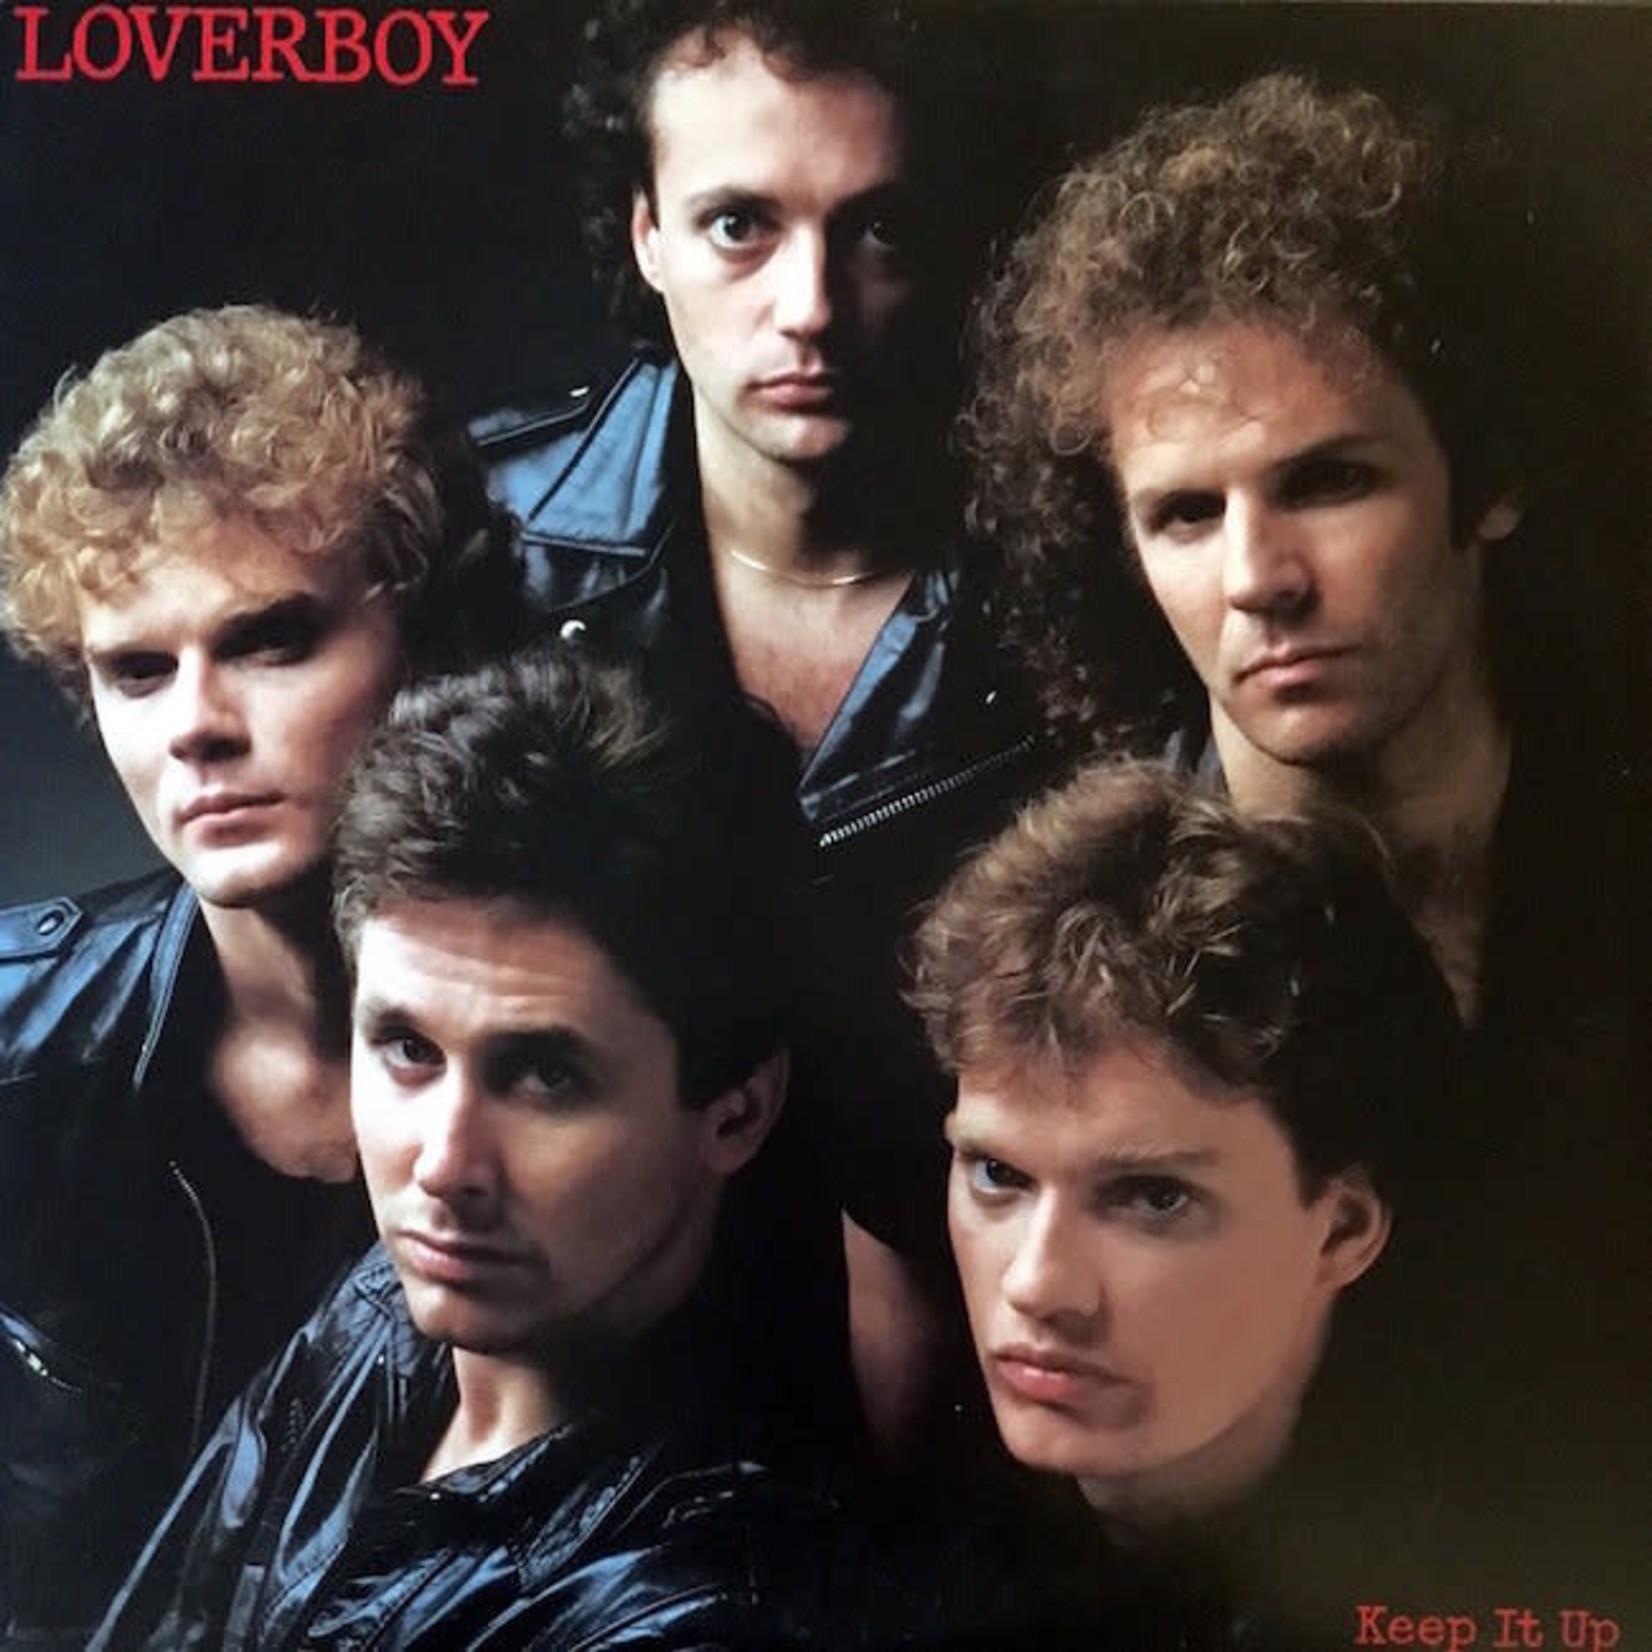 [Vintage] Loverboy: Keep It Up